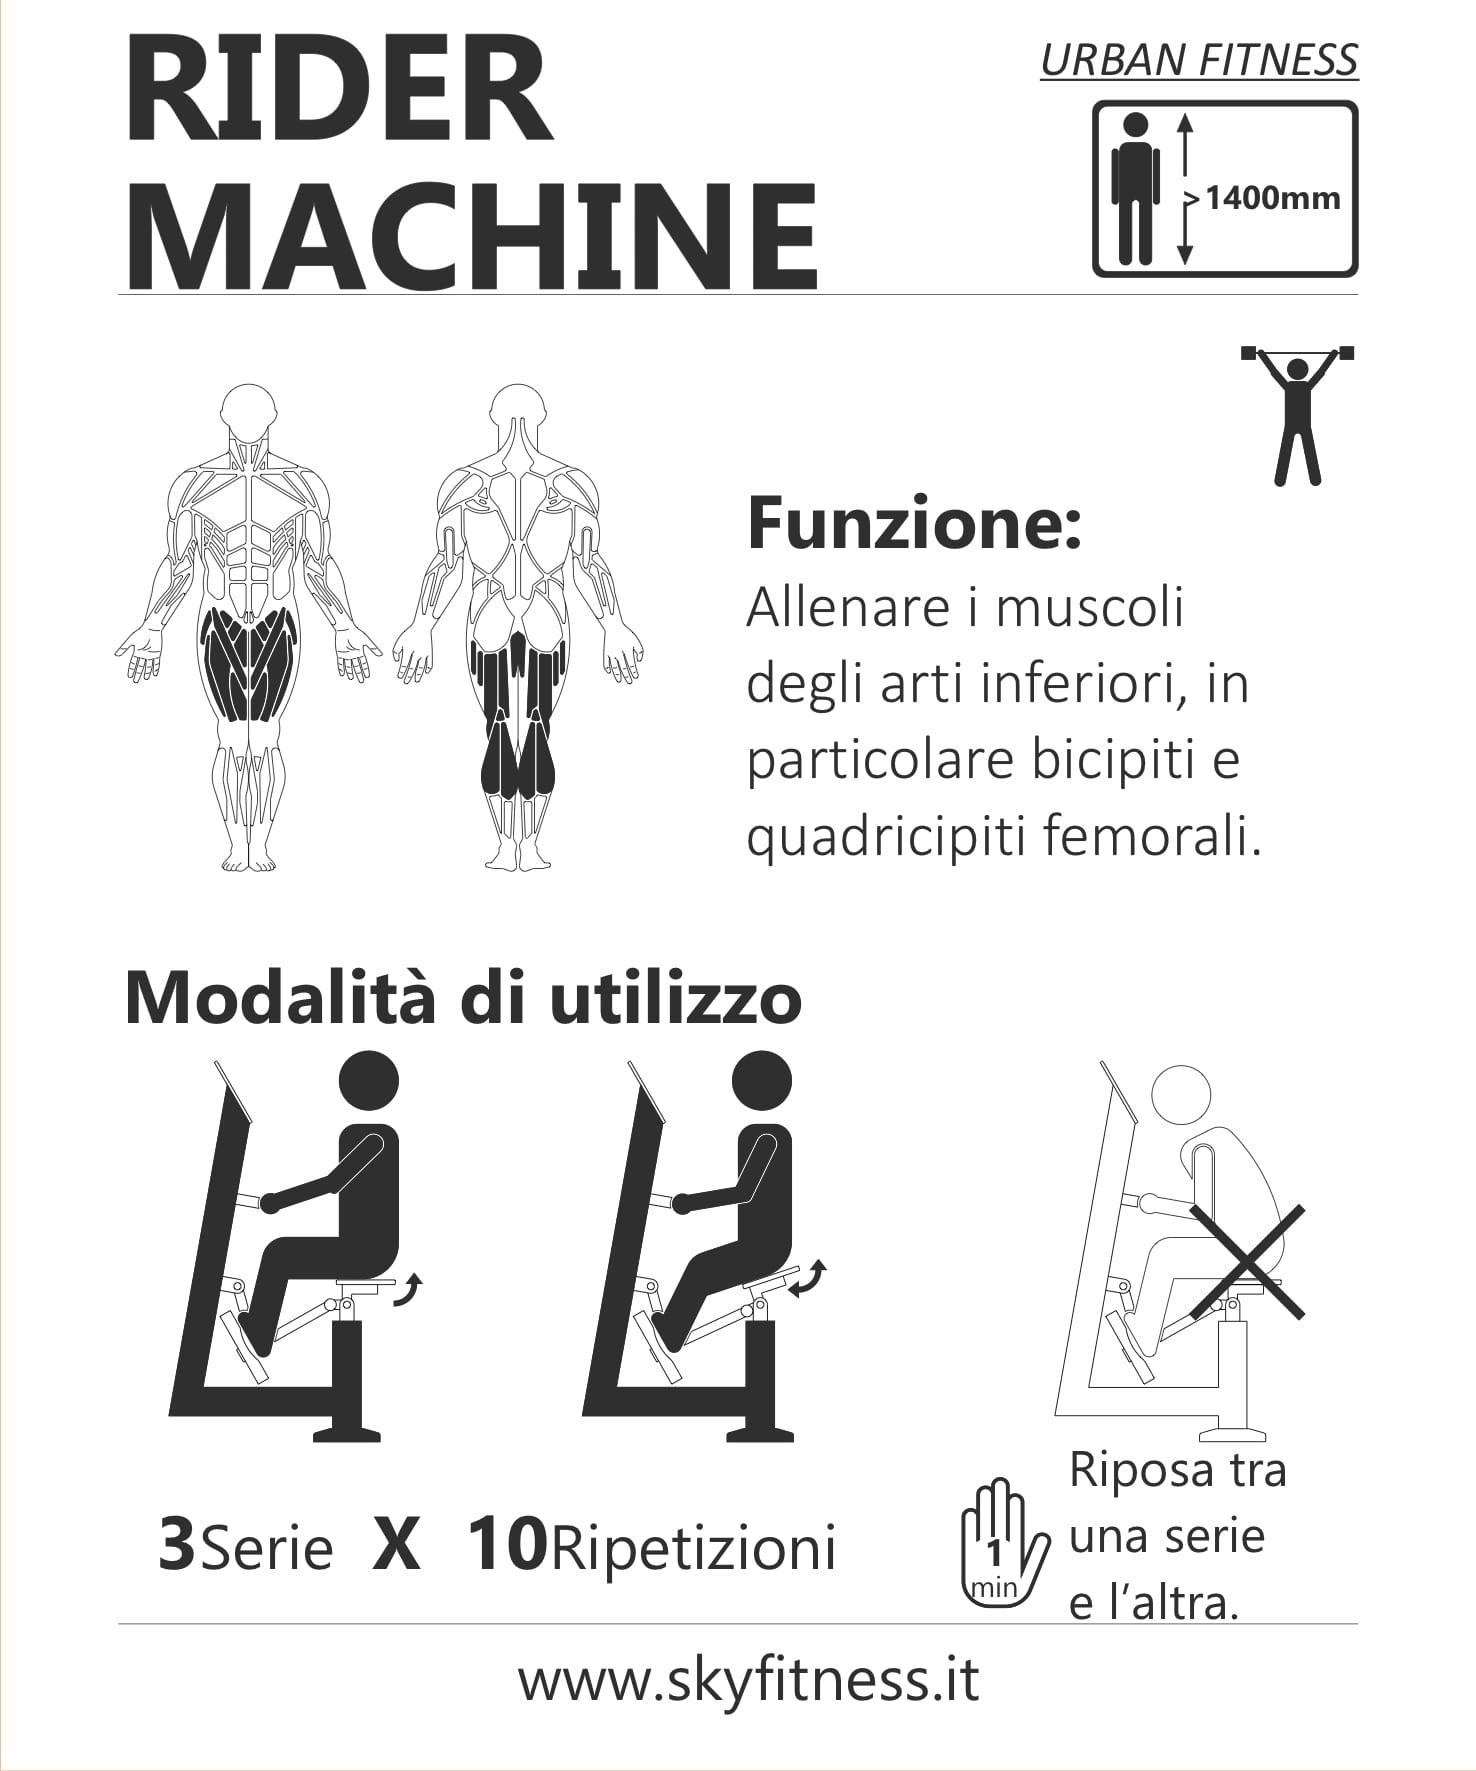 RIDER MACHINE